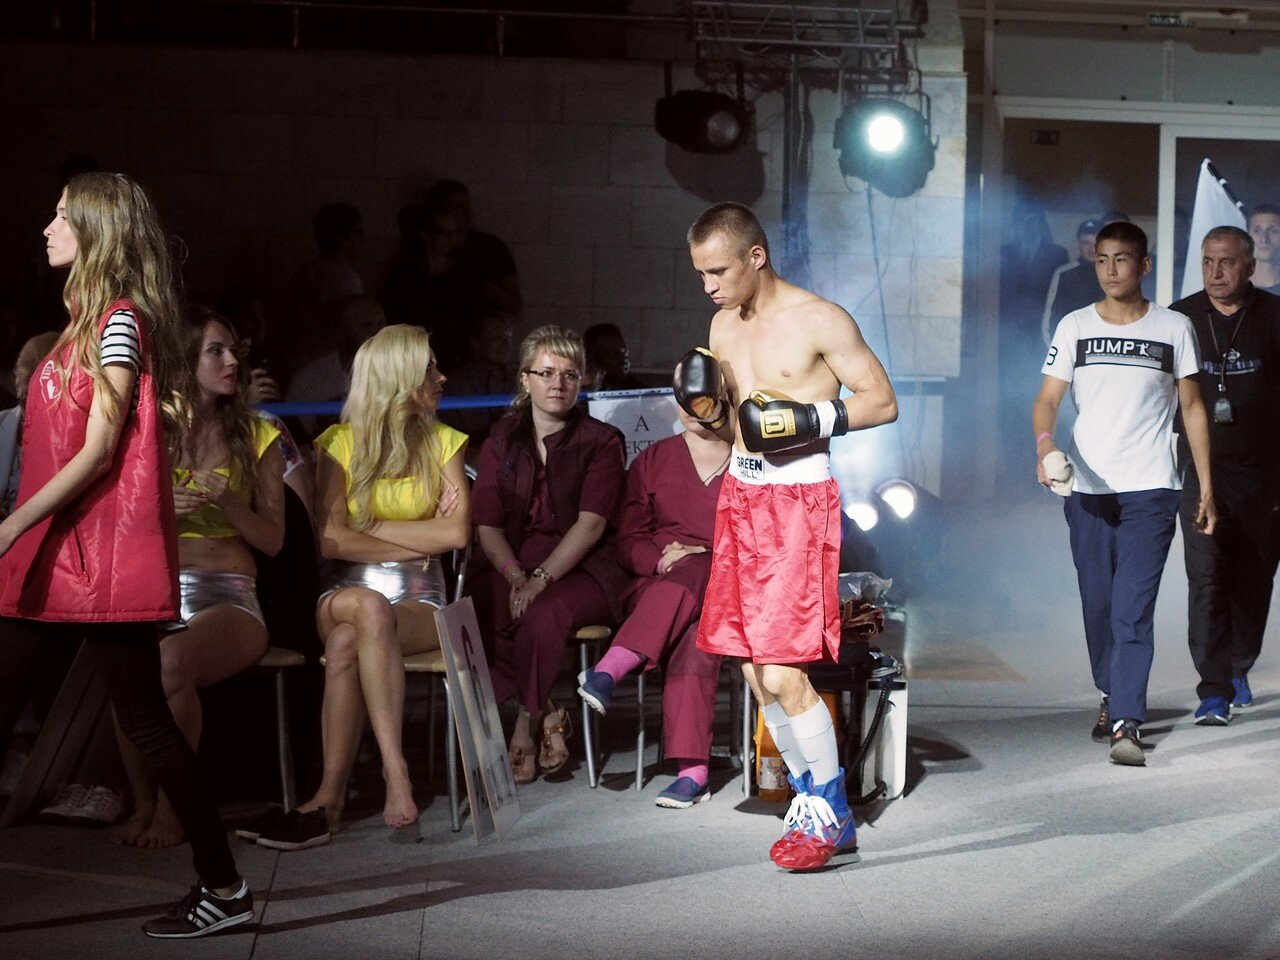 48 Вечер профессионального бокса в Магнитогорске 06.07.2017